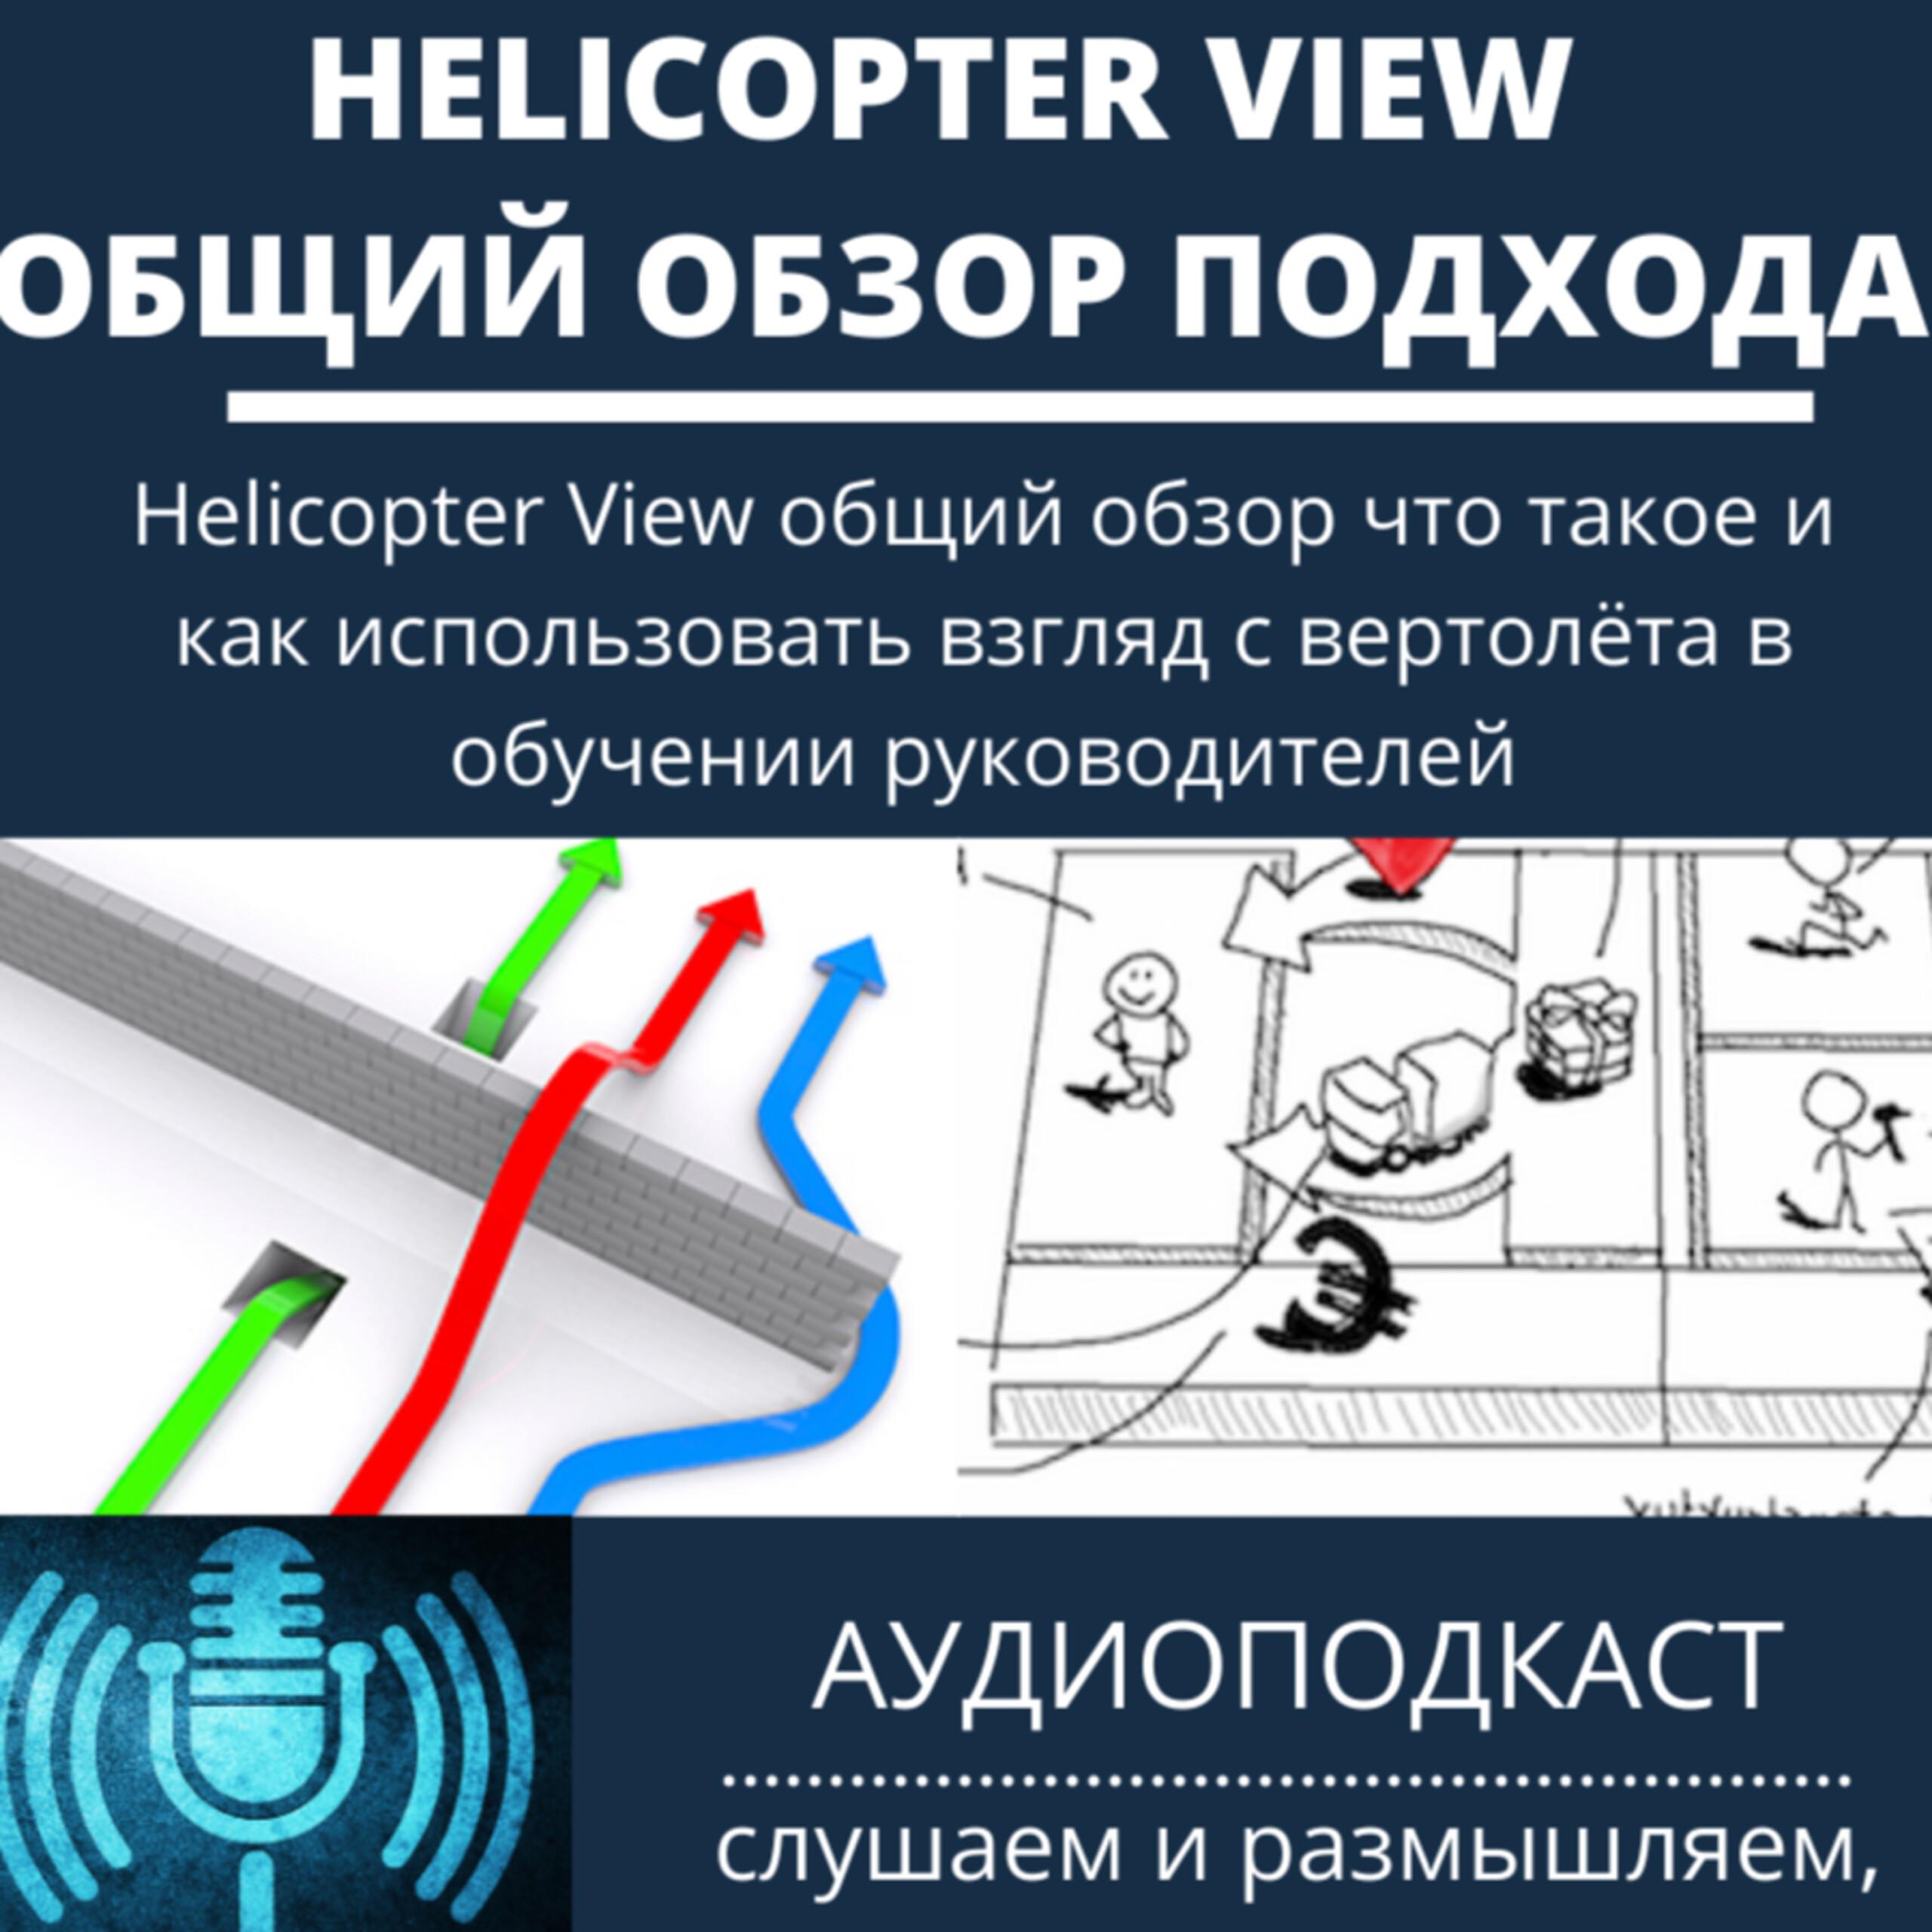 Helicopter View общий обзор что такое и как использовать взгляд с вертолёта в обучении руководителей